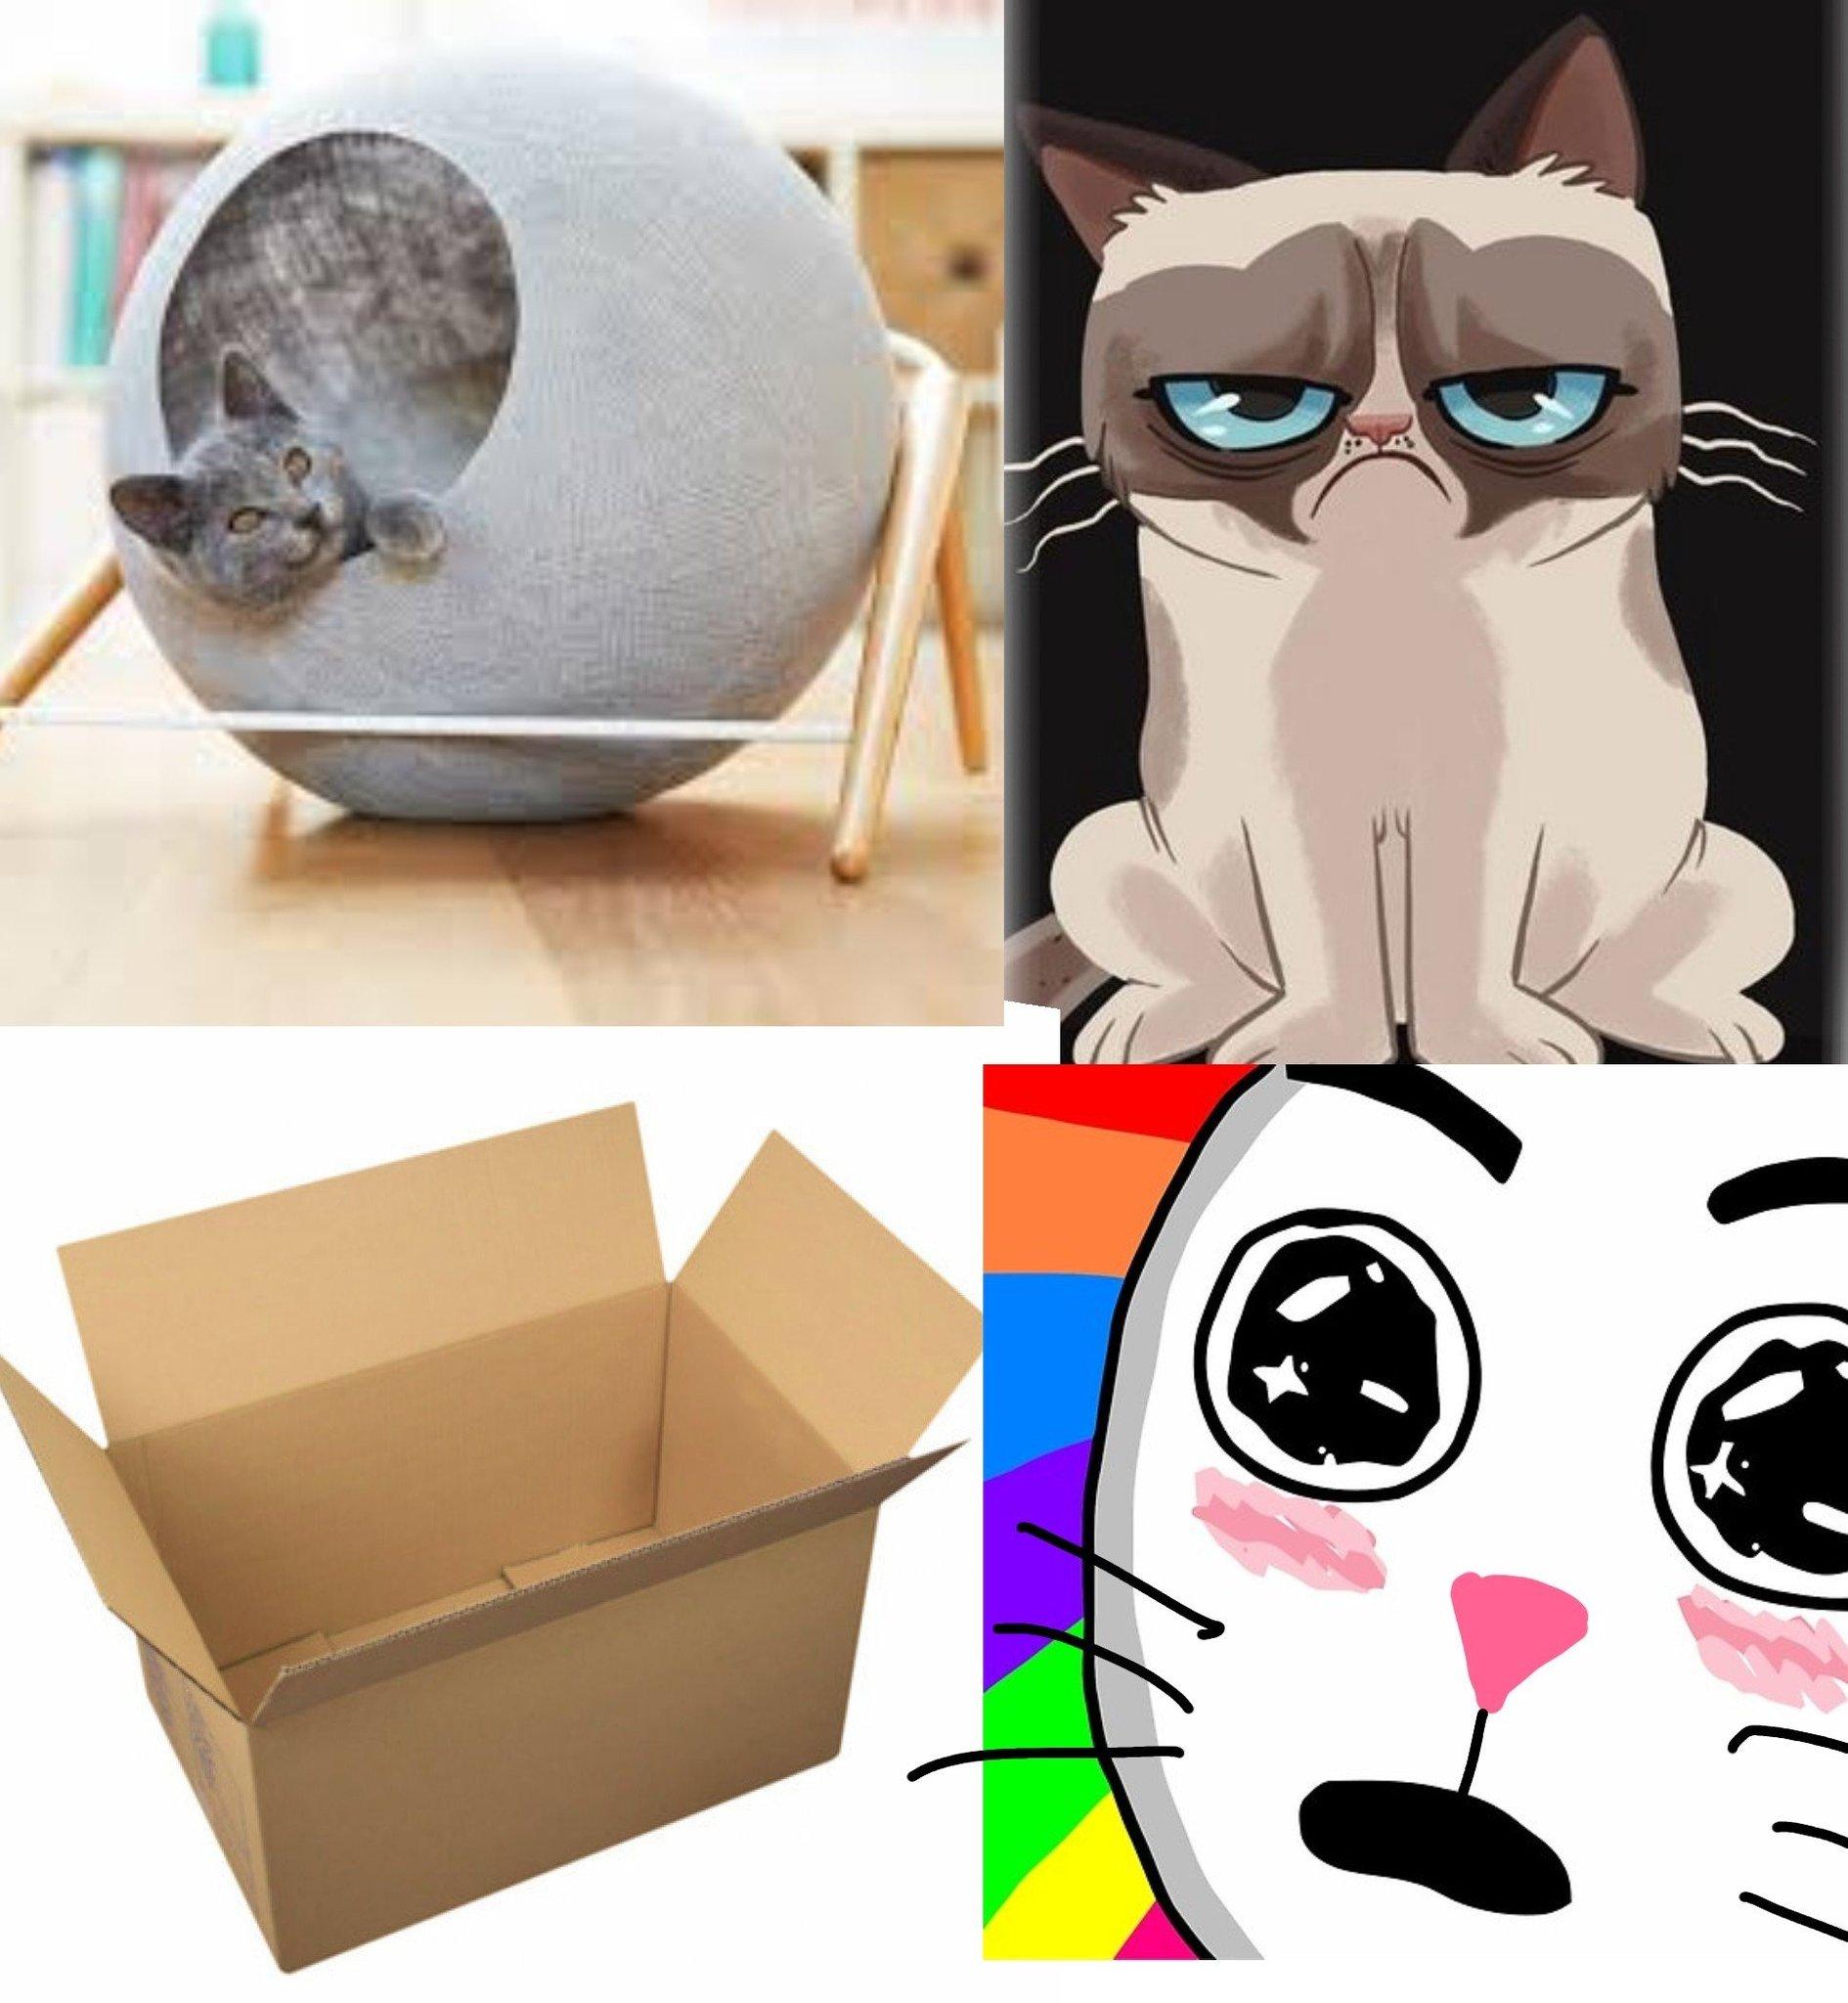 Les chat - meme